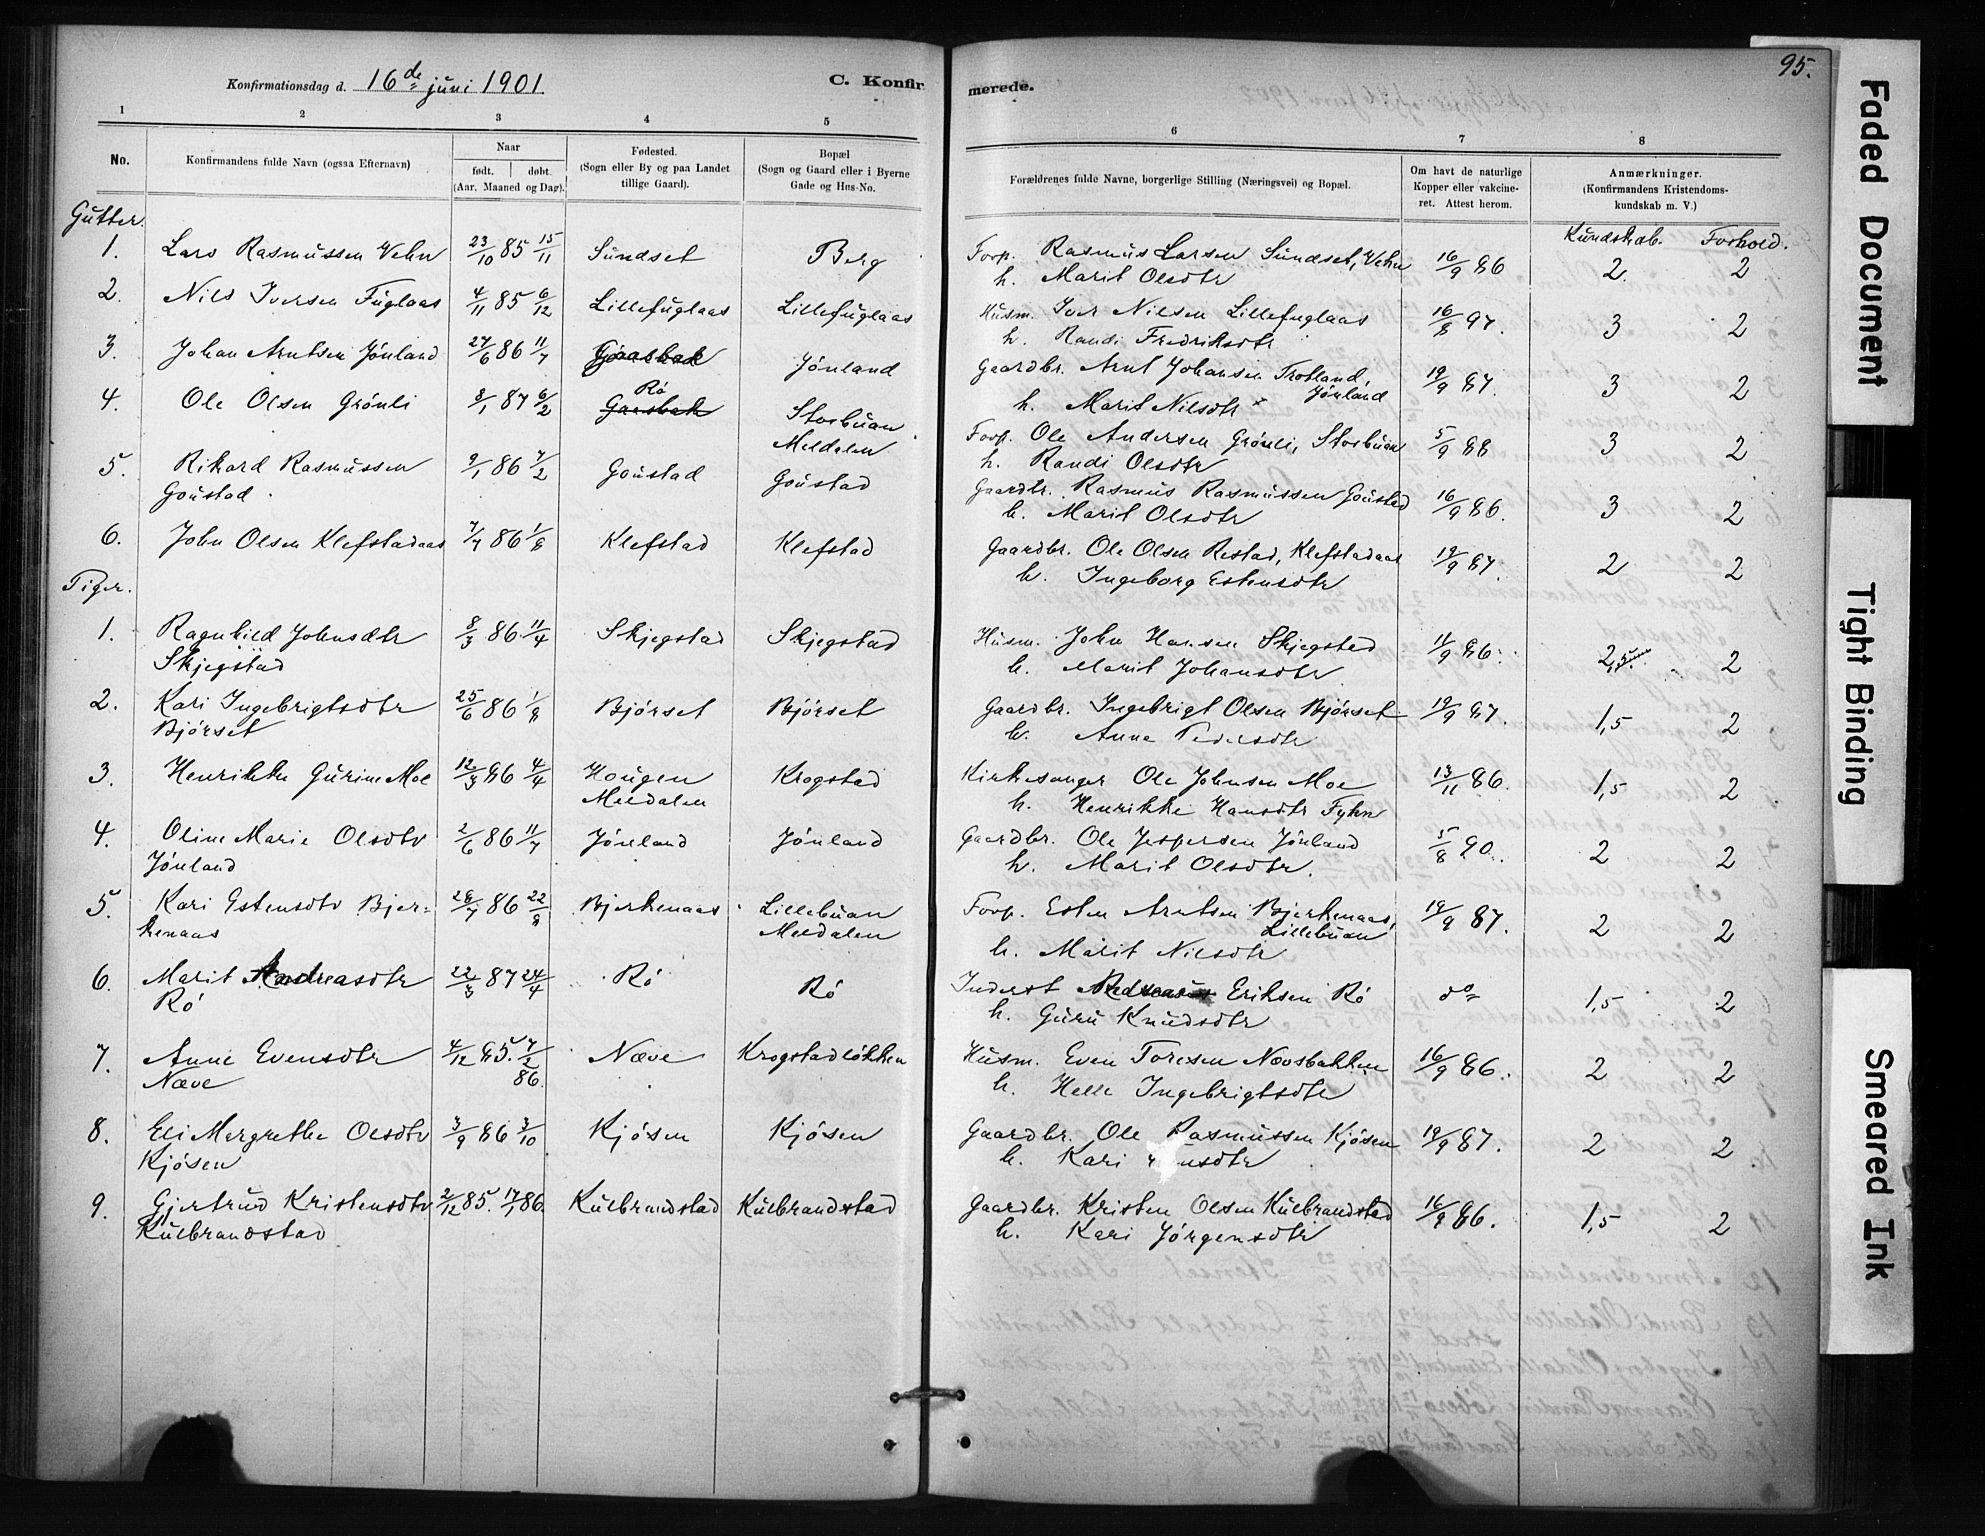 SAT, Ministerialprotokoller, klokkerbøker og fødselsregistre - Sør-Trøndelag, 694/L1127: Ministerialbok nr. 694A01, 1887-1905, s. 95